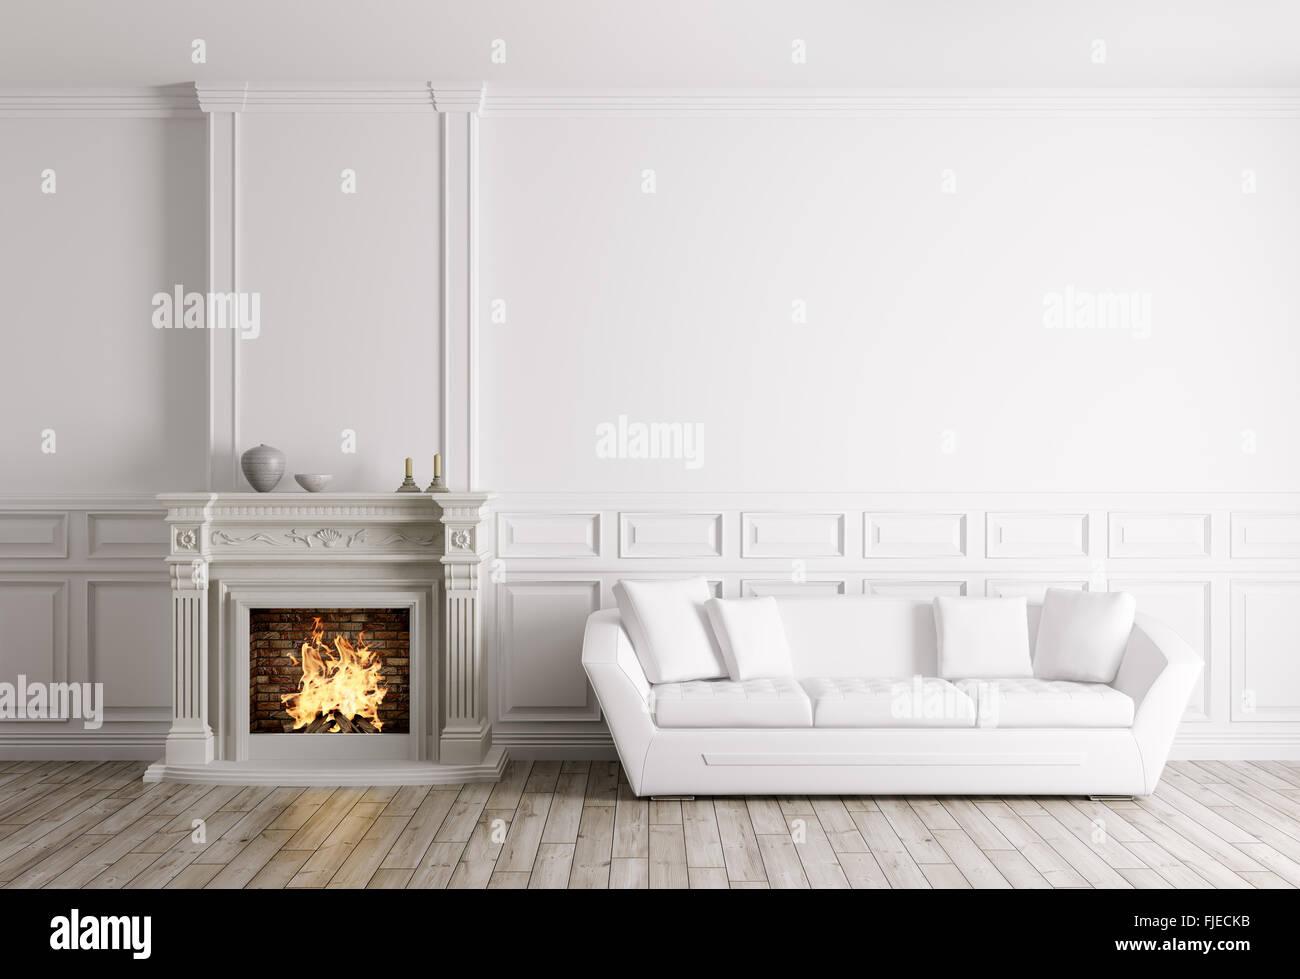 Klassische Einrichtung Von Wohnzimmer Mit Kamin Und Sofa 3d